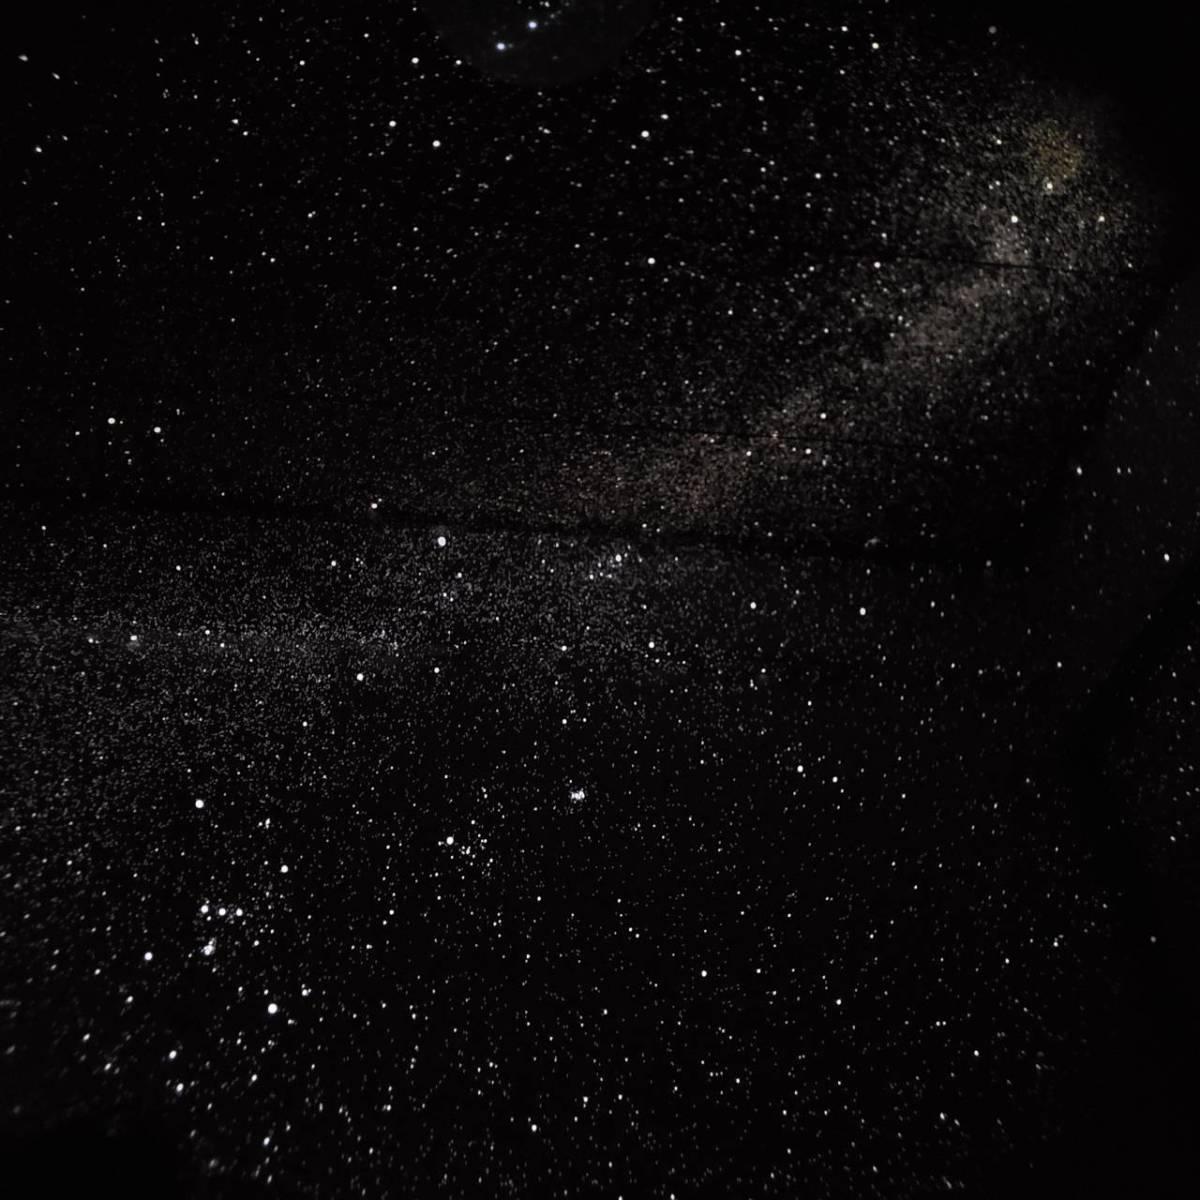 付属品完備 美品 ◇ 映写写真掲載してます ◇ 家庭用プラネタリウム ホームスター エクストラ HOMESTAR EXTRA_画像9